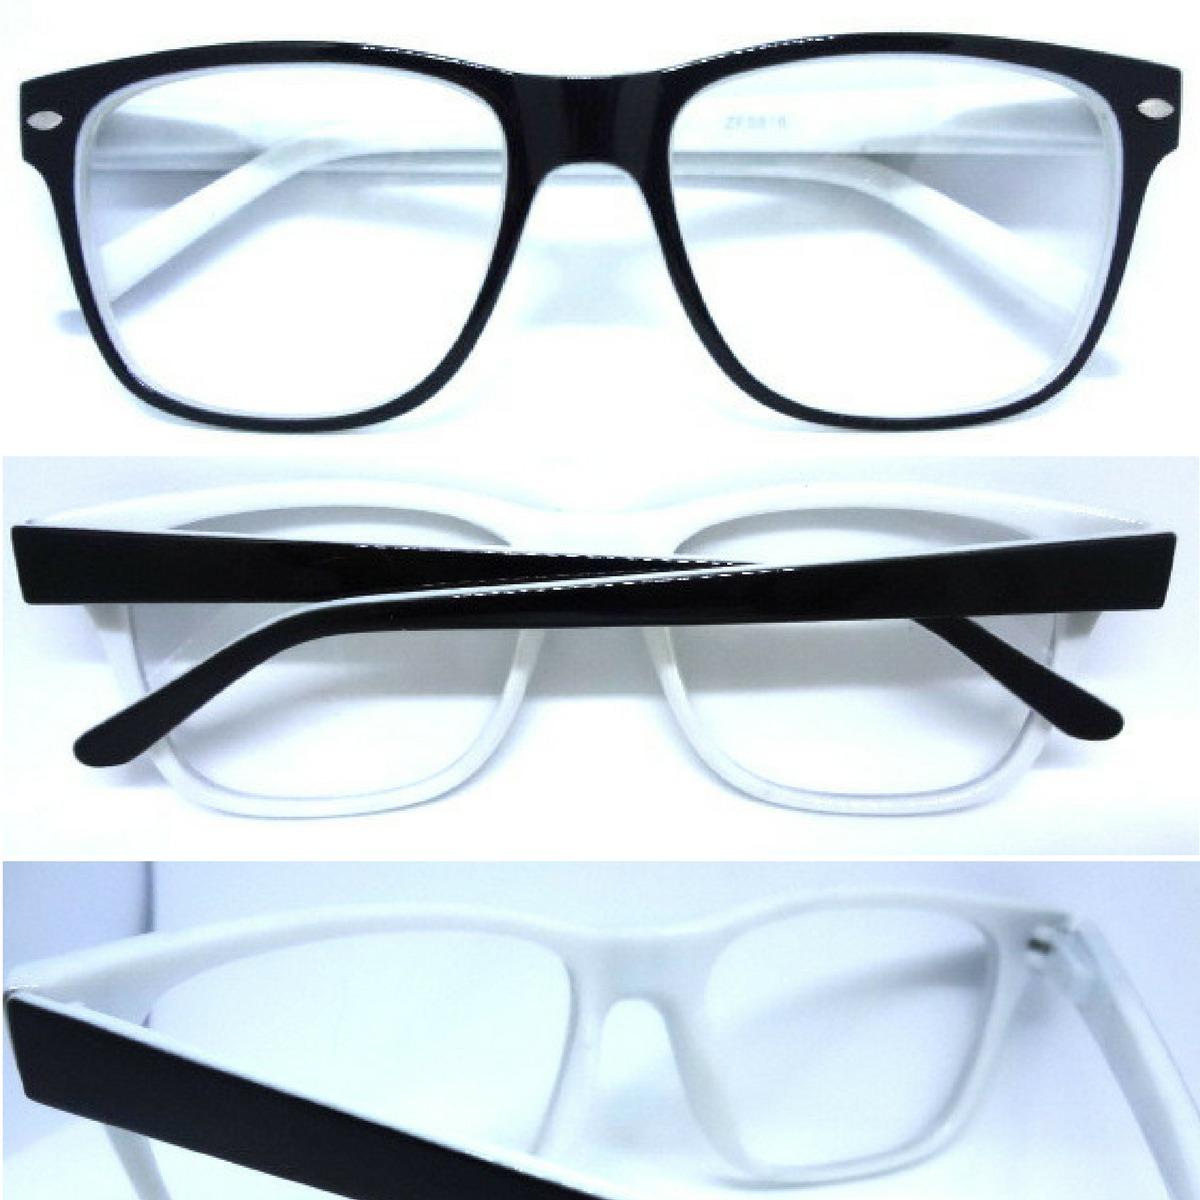 56d2d2a4fd67f oculos armação feminina retro vintage geek barato cores 8816. Carregando  zoom.